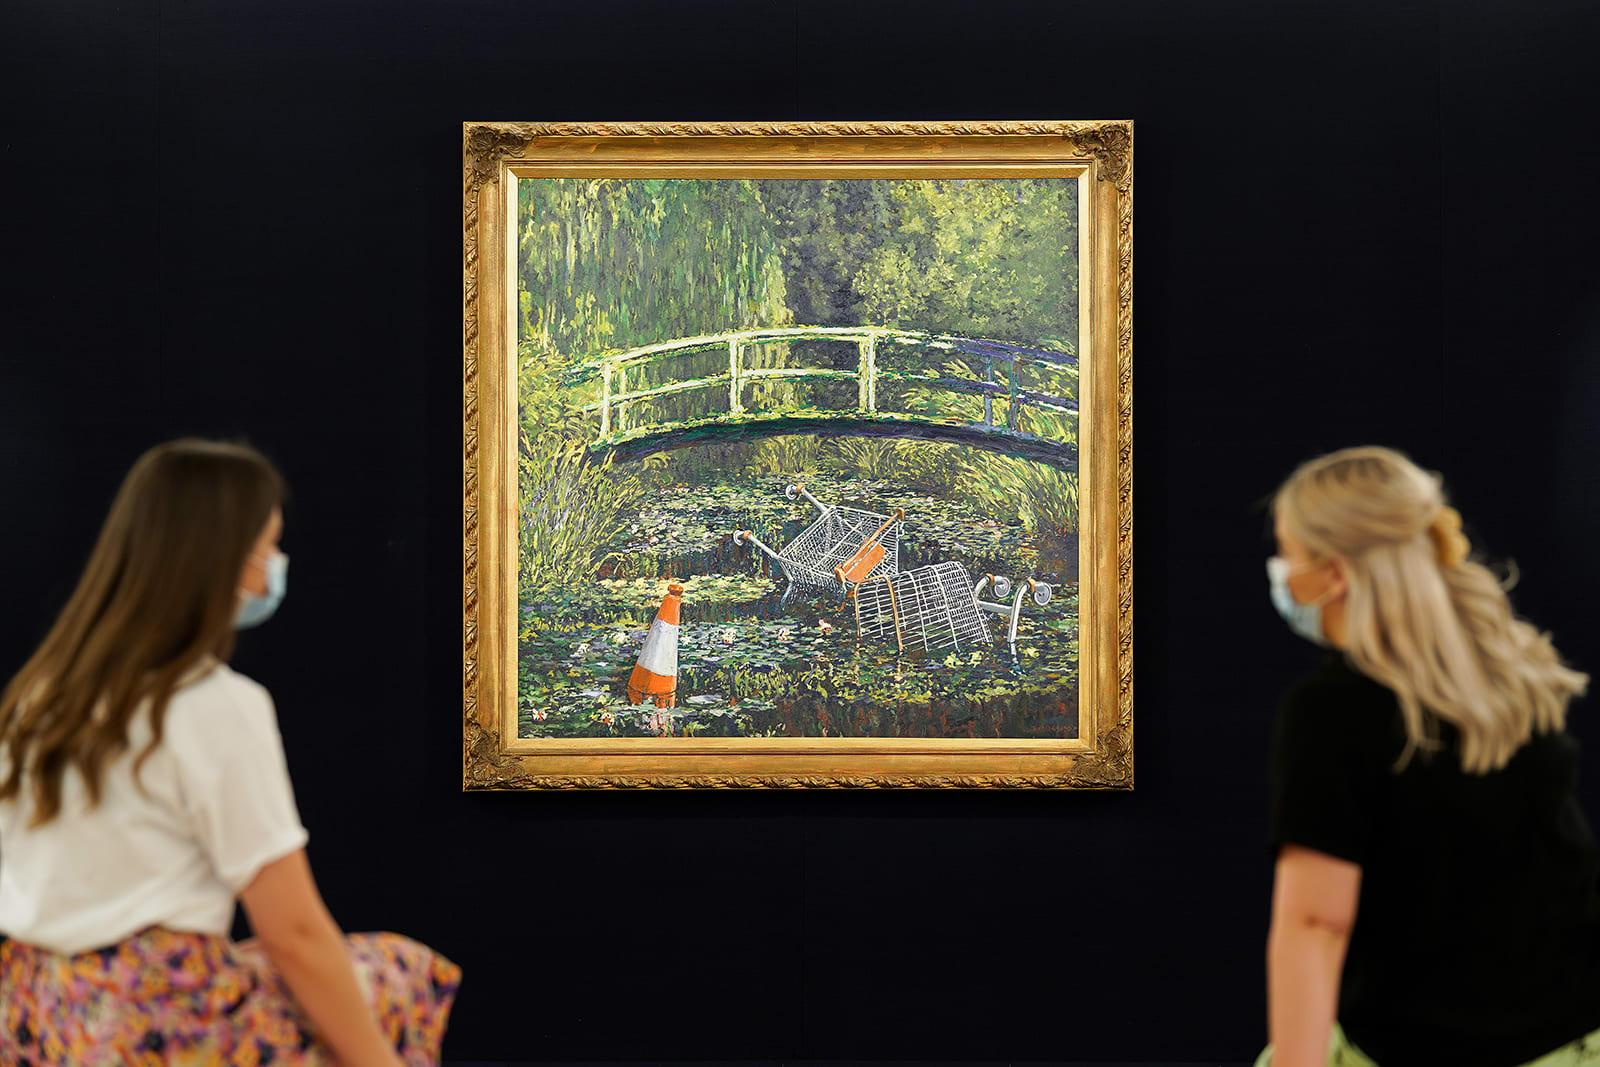 لوحة لبانكسي تُباع مقابل 10 مليون دولار تقريباً